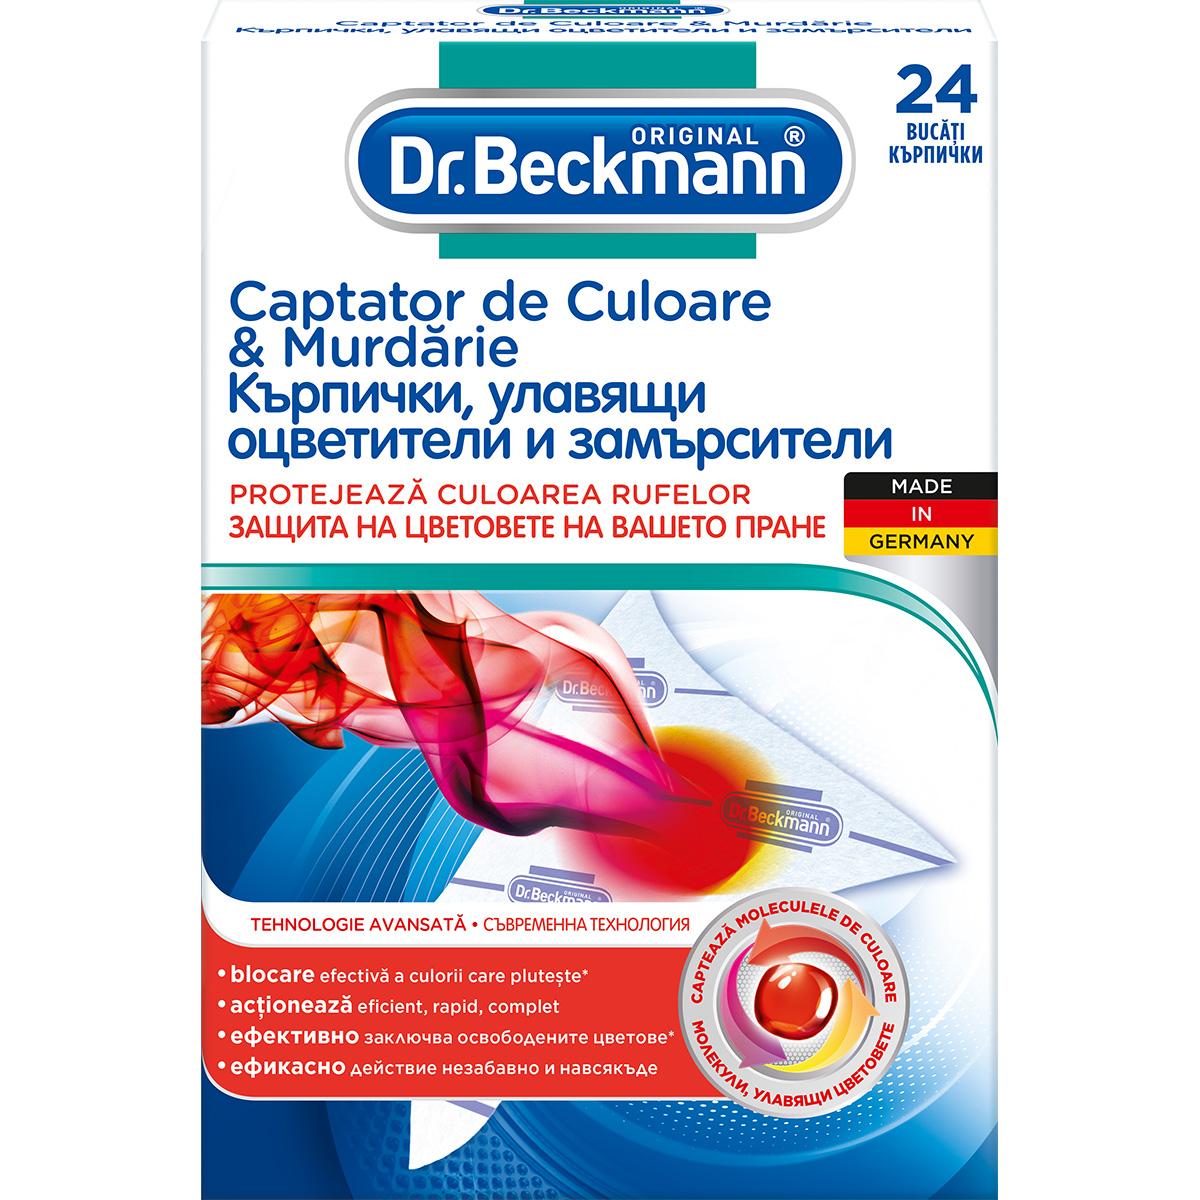 Servetele captatoare de culoare si murdarie Dr. Beckmann, 24 buc imagine